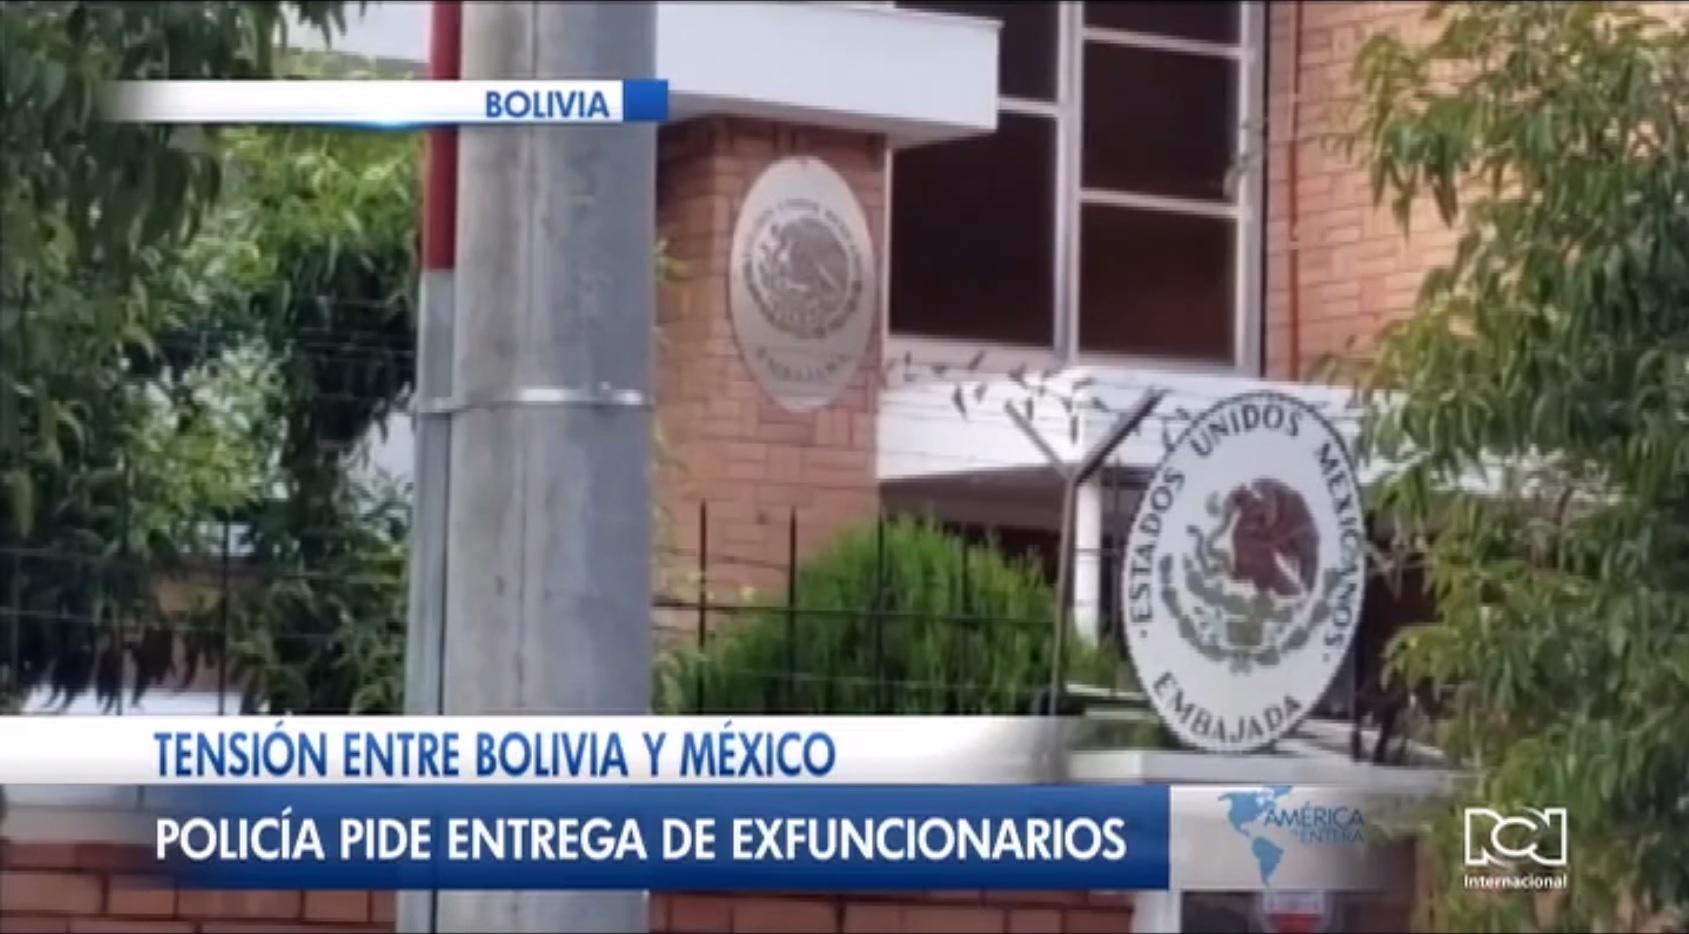 Bolivia exige la entrega de exfuncionarios del Gobierno de Evo Morales refugiados en la embajada de México en La Paz